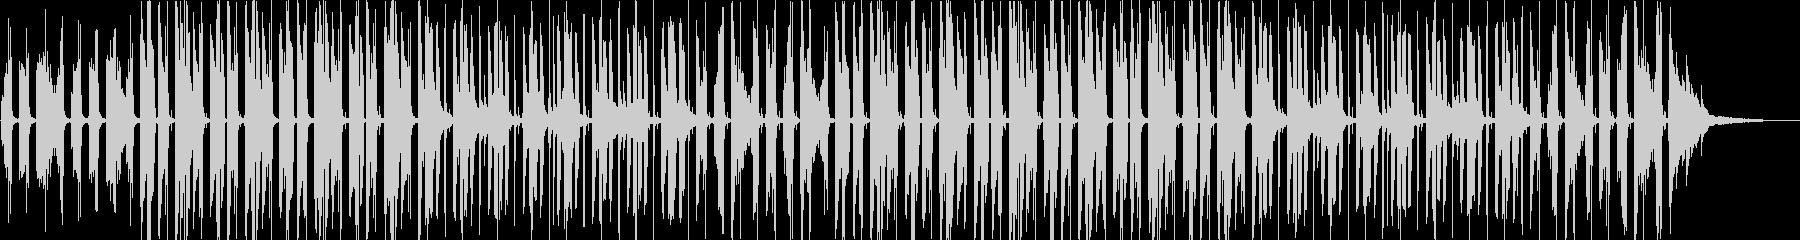 【生演奏】海沿いのアコースティックギターの未再生の波形